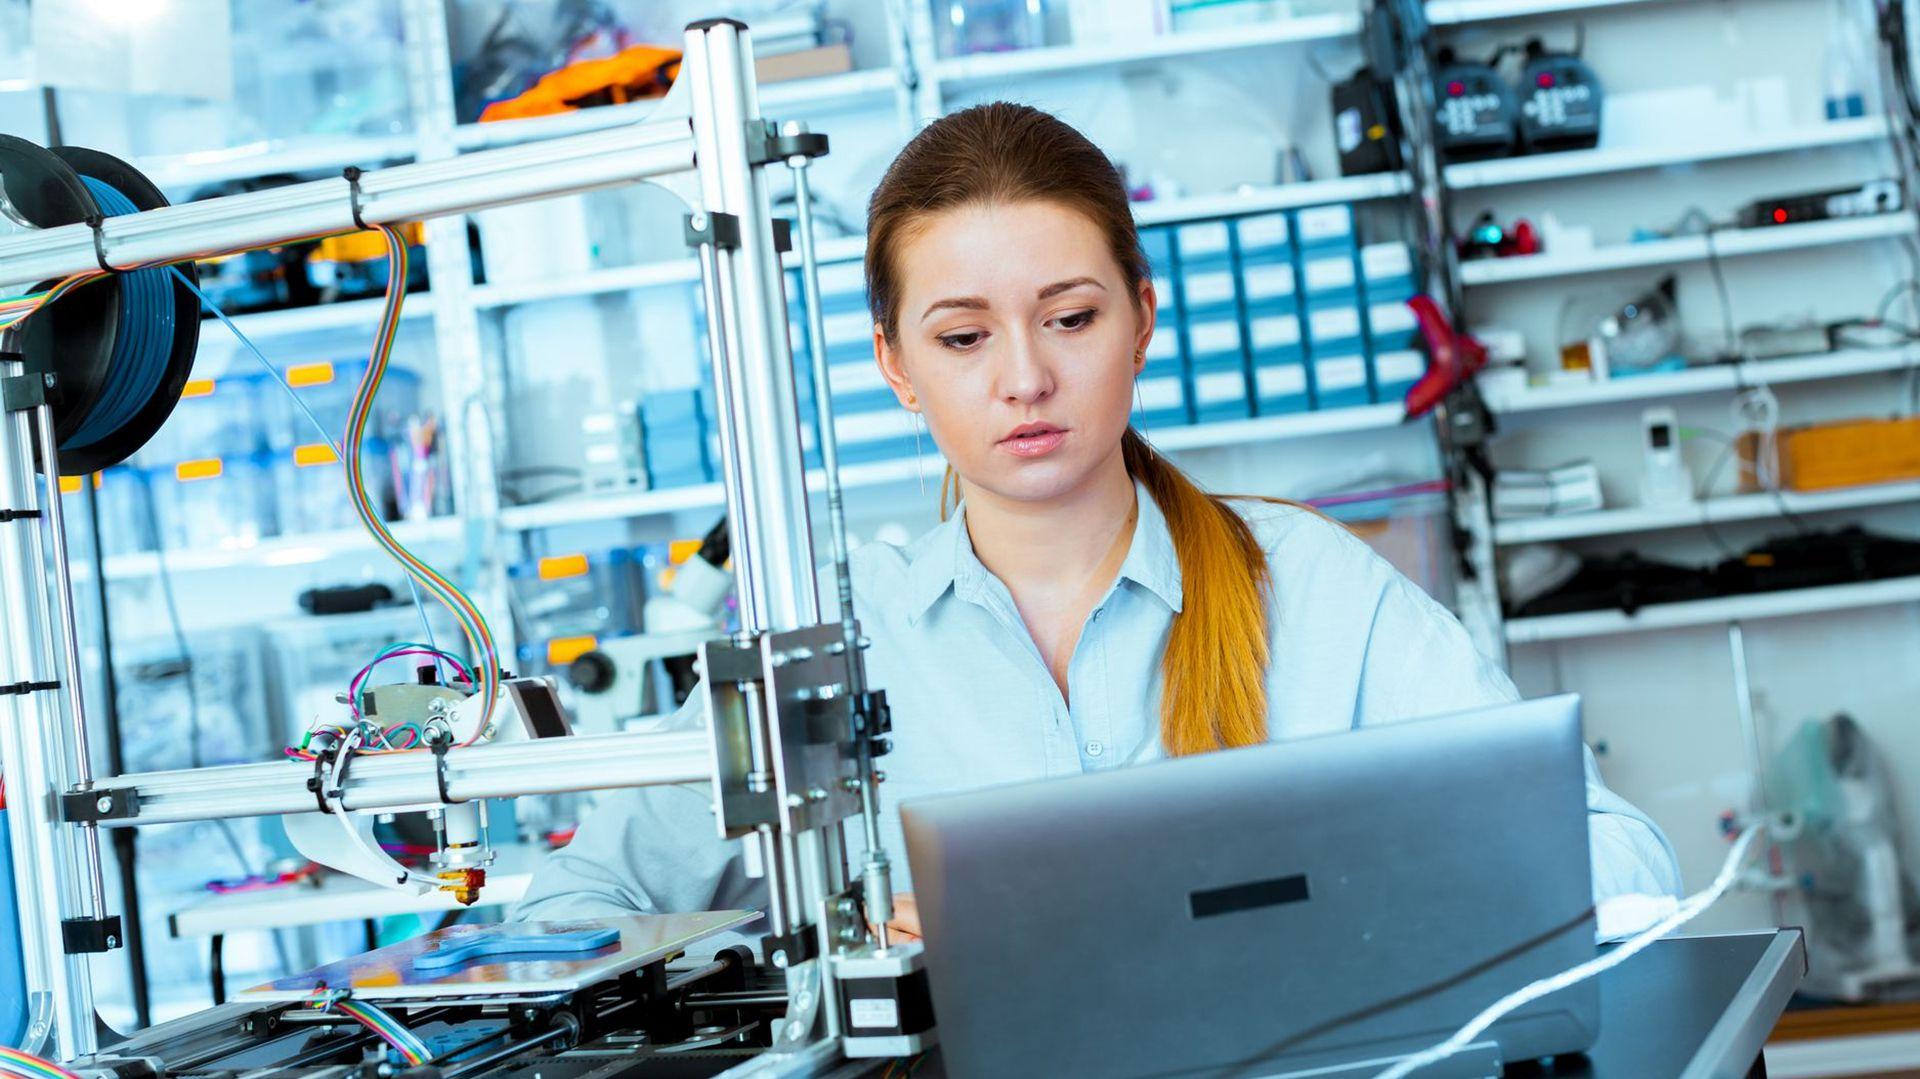 Para los autores de Nine Lies About Work, la oposición entre trabajo y vida es ineficaz. (iStock)